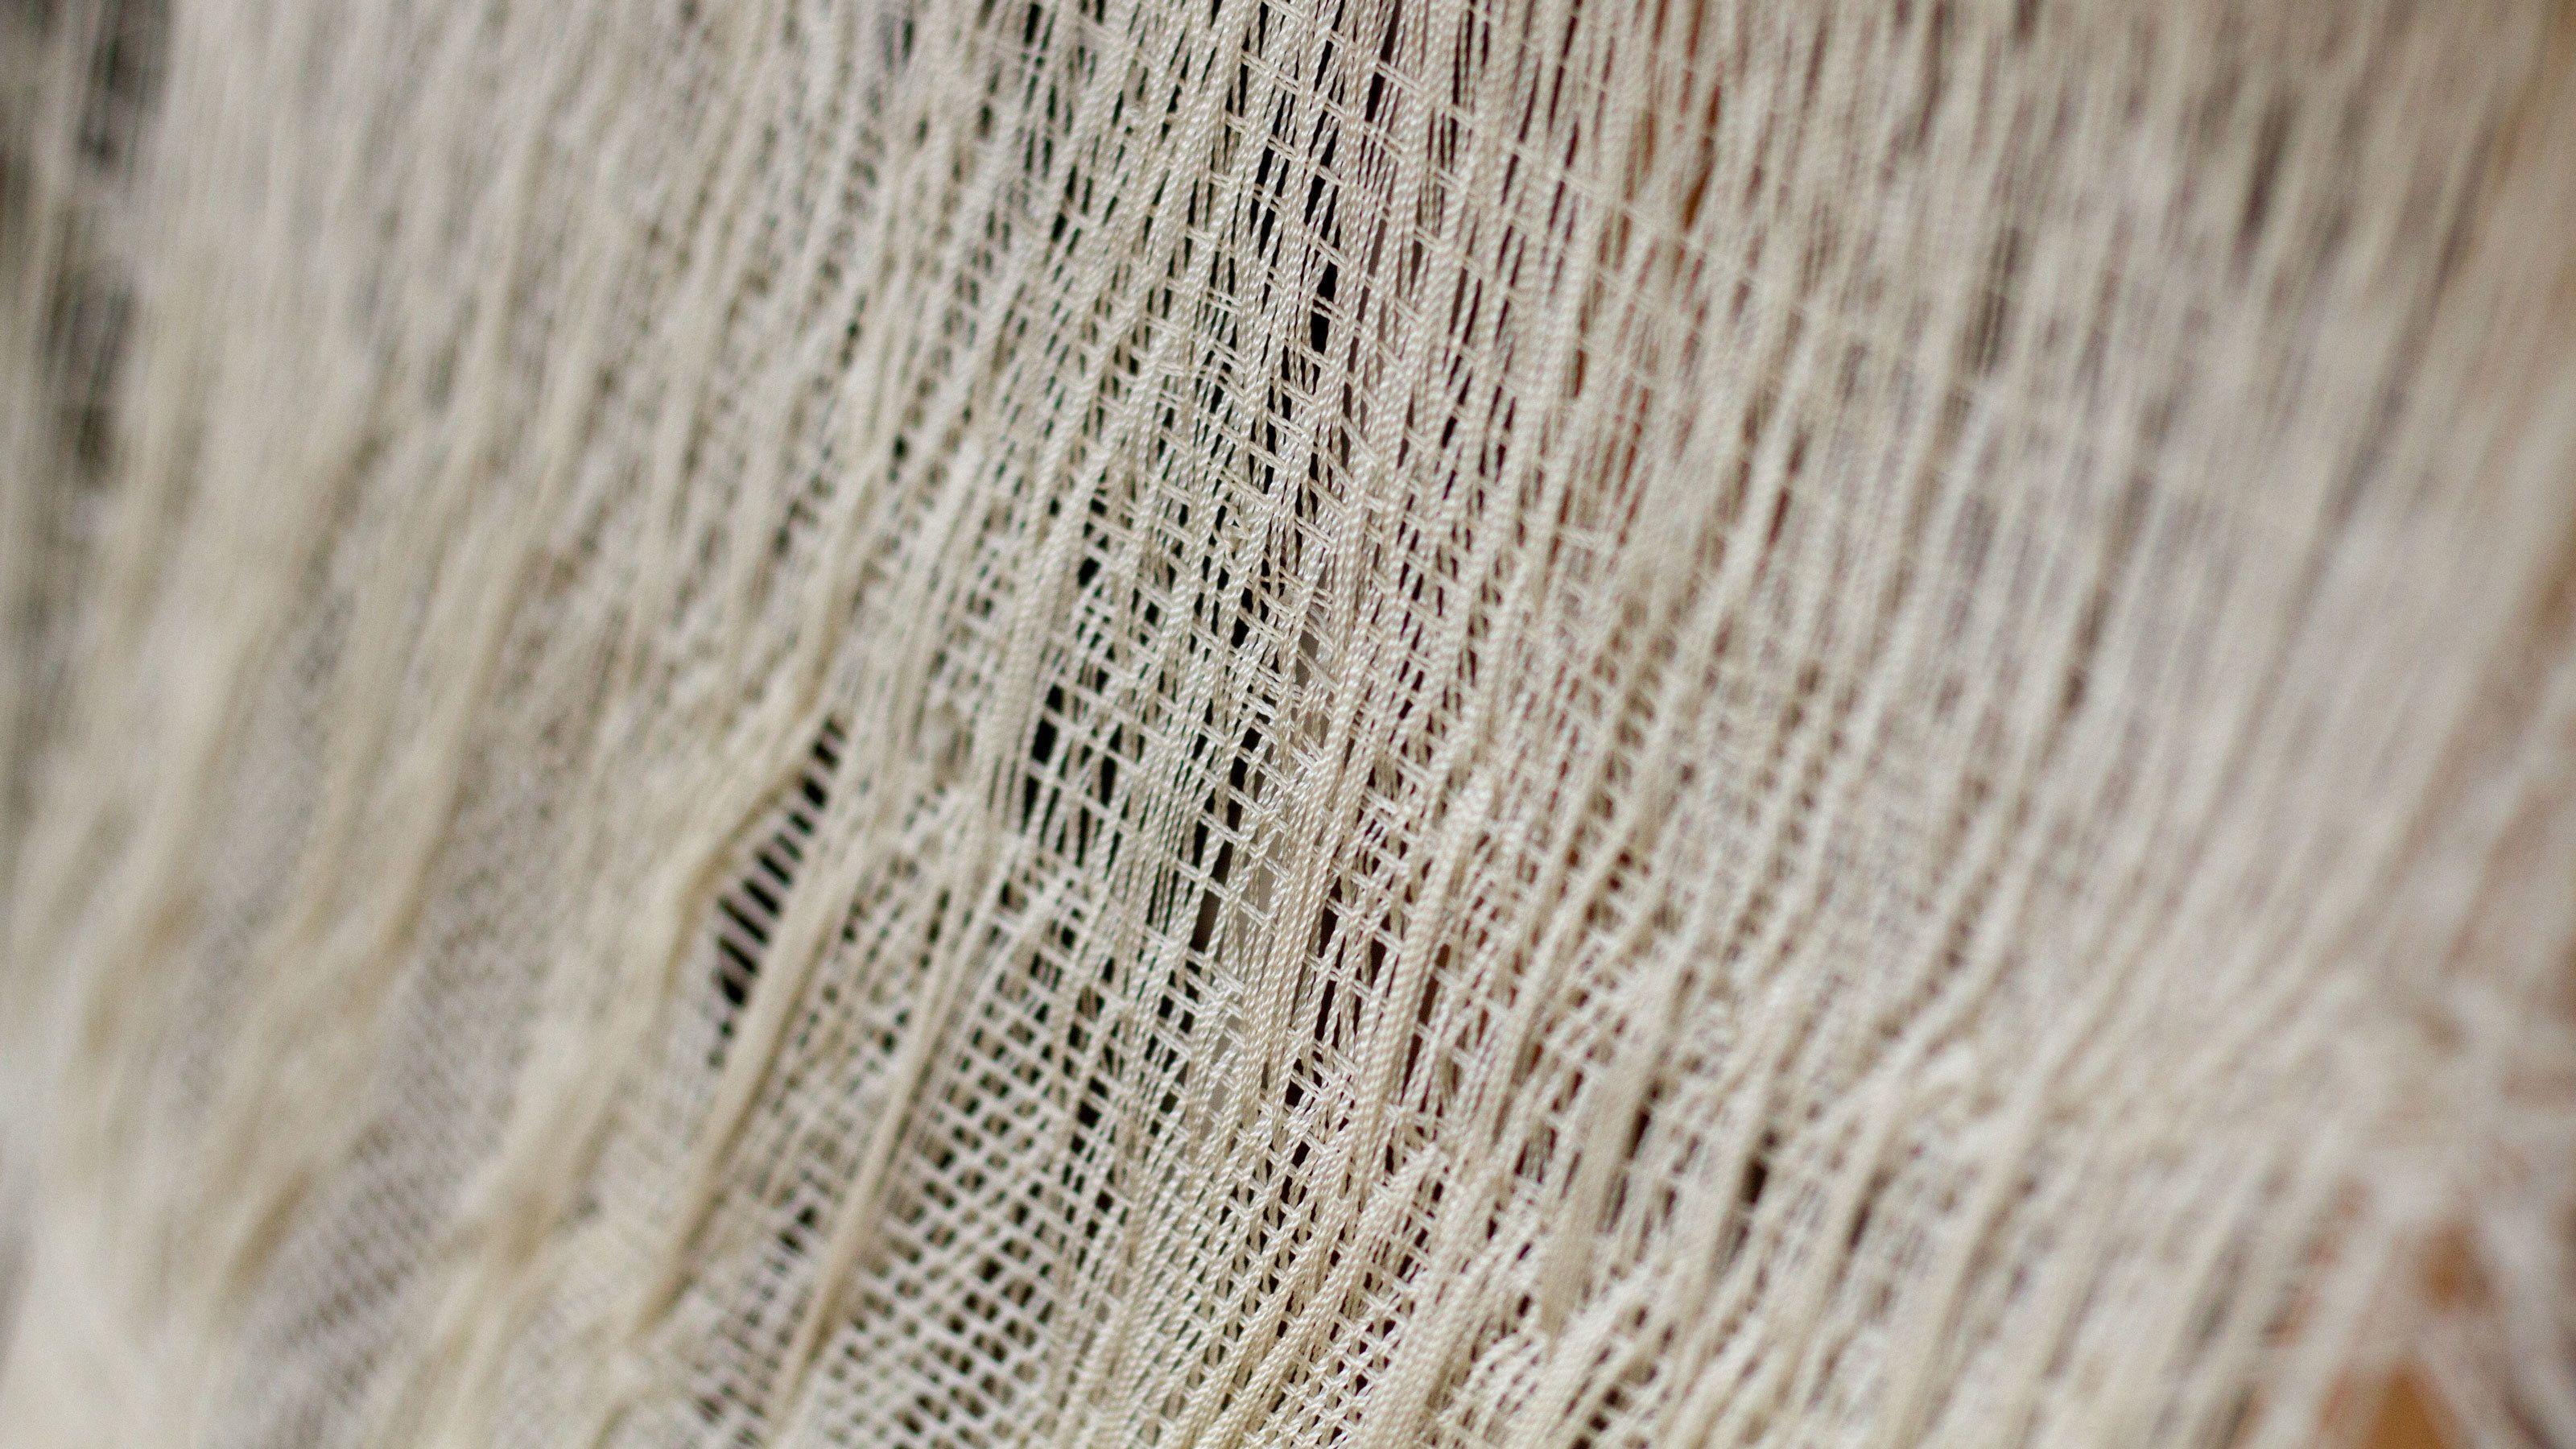 woven fabrics on the Mekong Delta Le Jarai Cruise in Vietnam